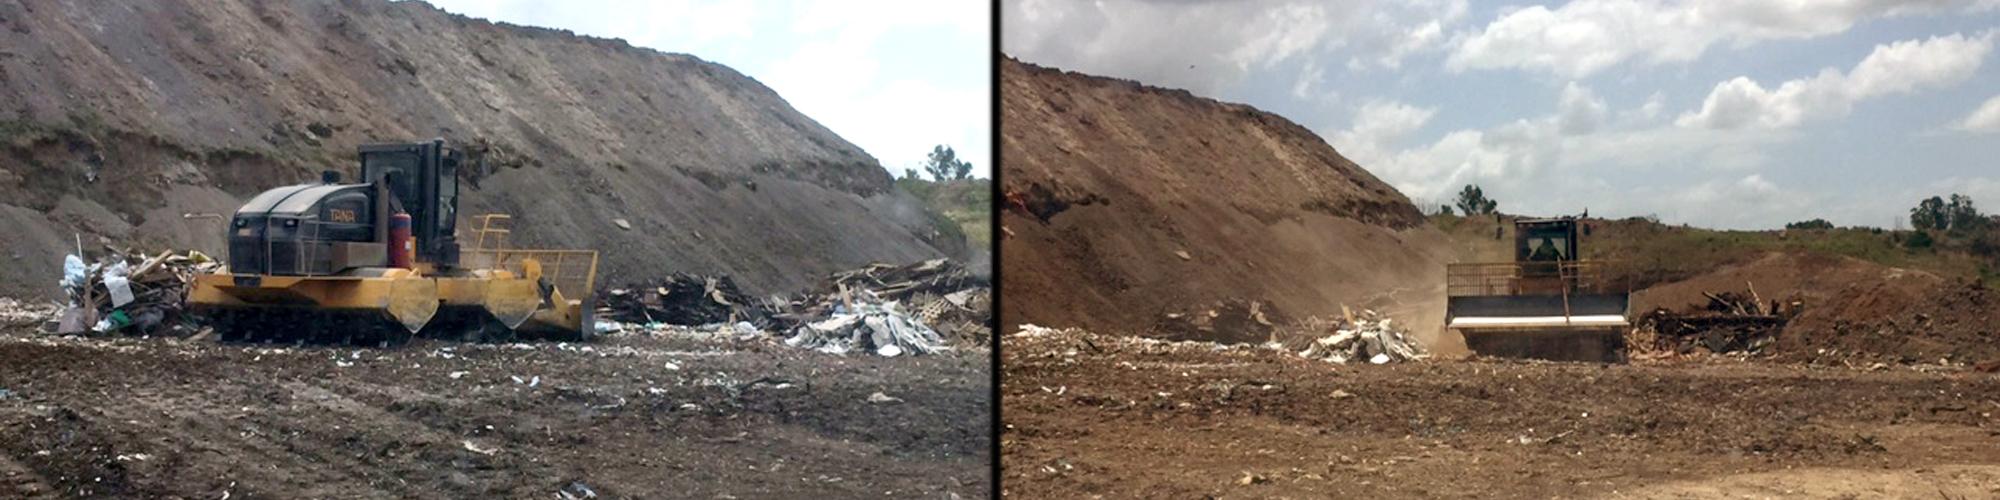 Waste management in Black town underway